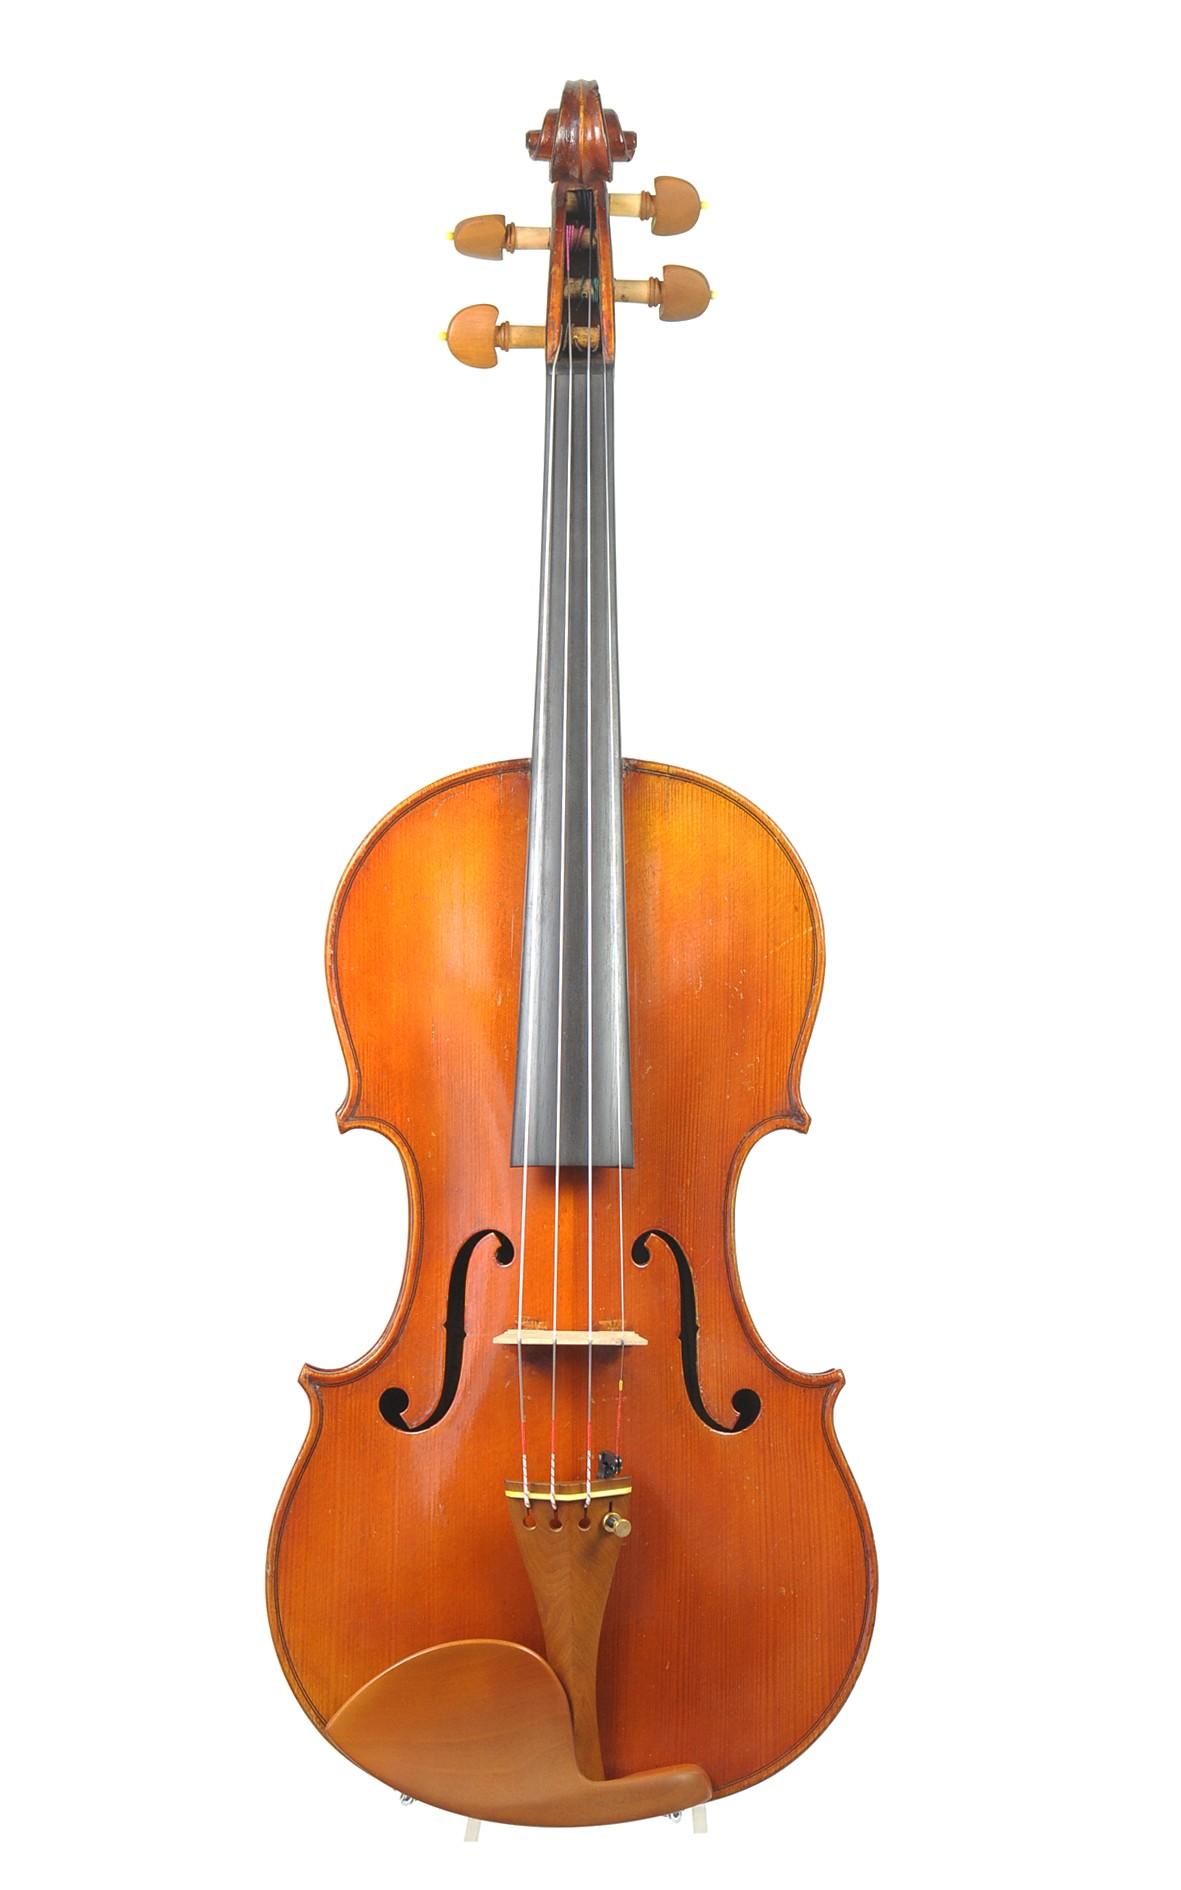 French violin No. 73. Chenantais & Le Lyonnais, Nantes, 1933